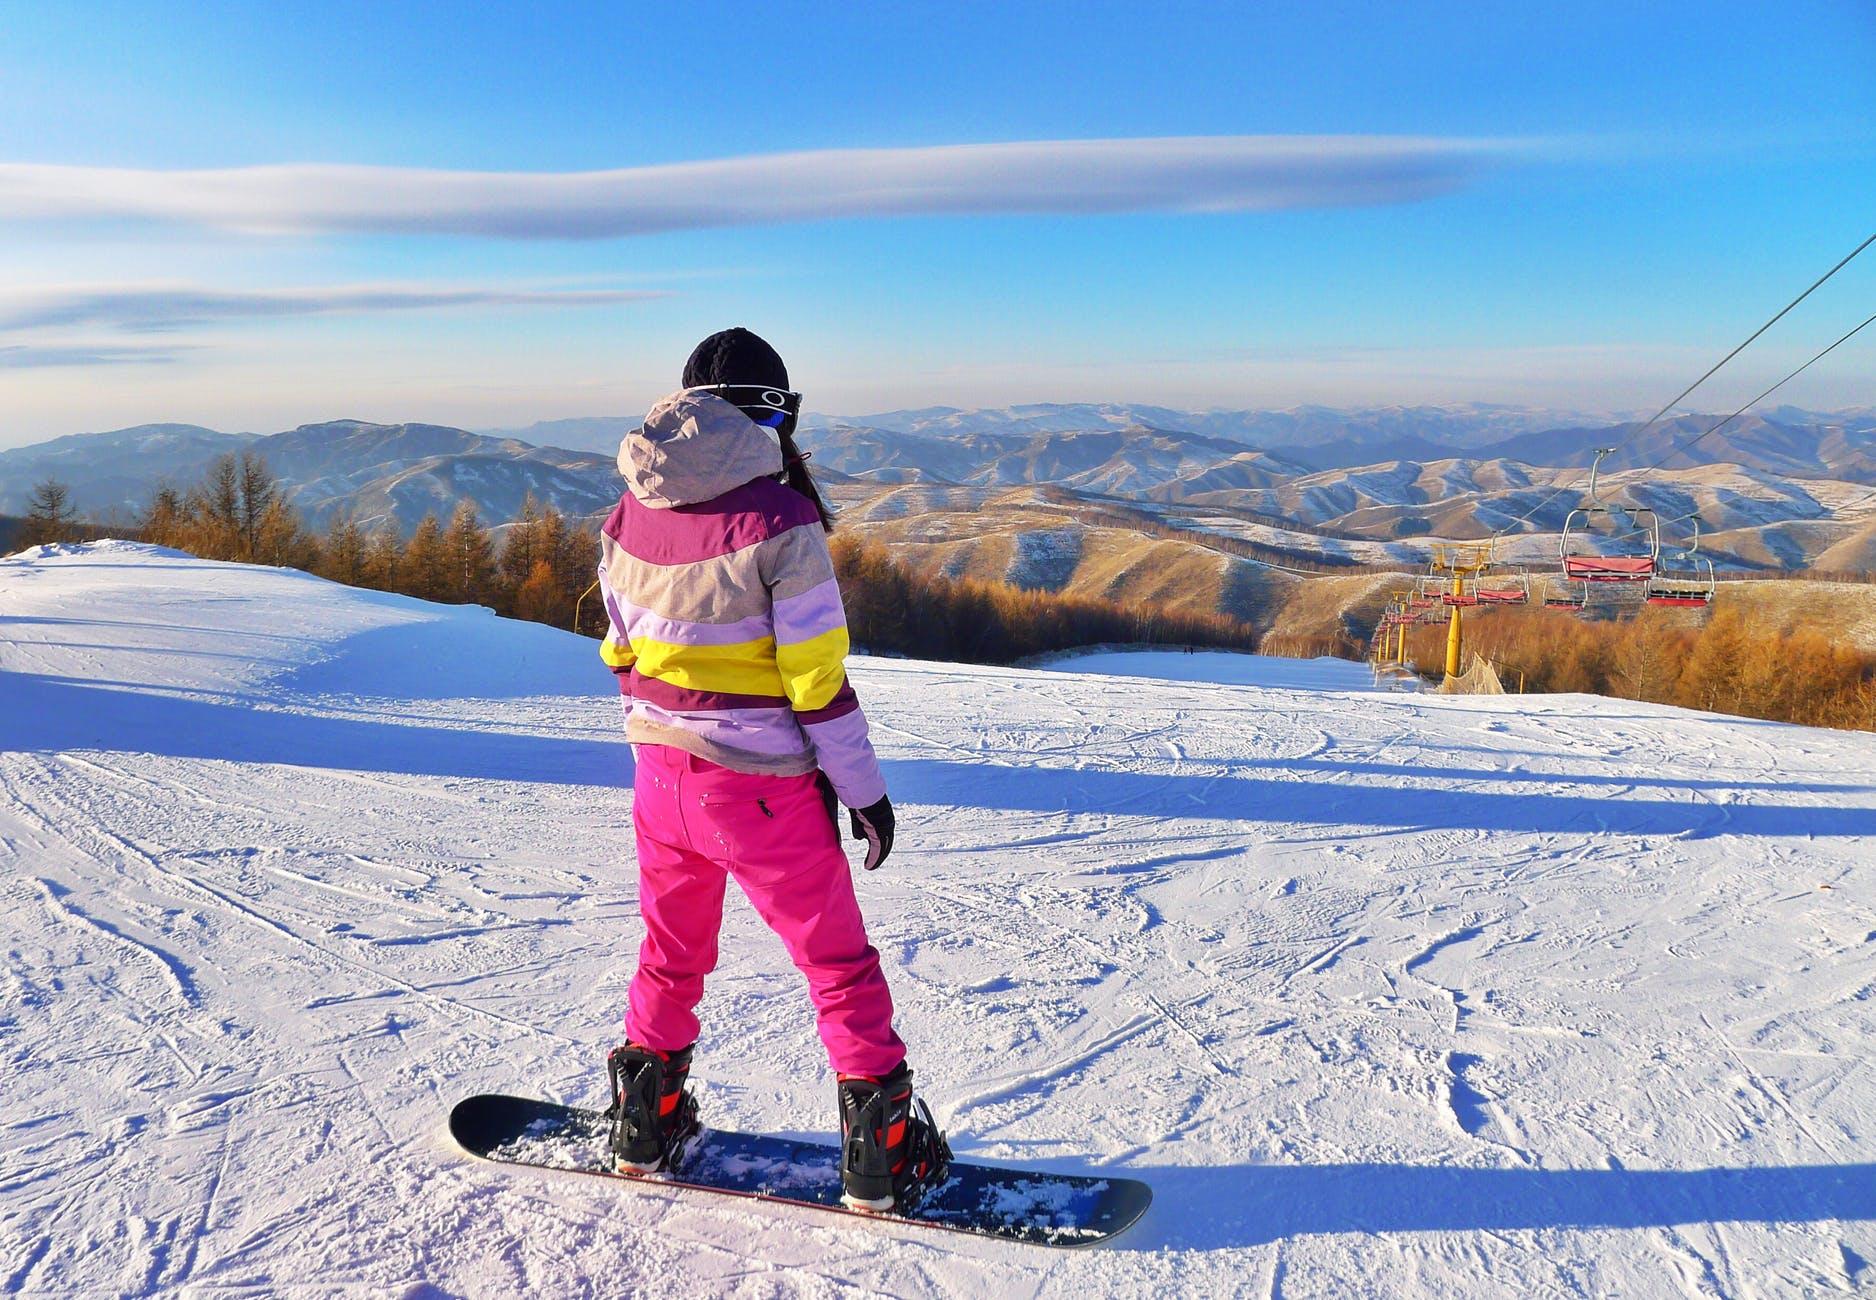 Et vous, partez-vous au ski cet hiver?